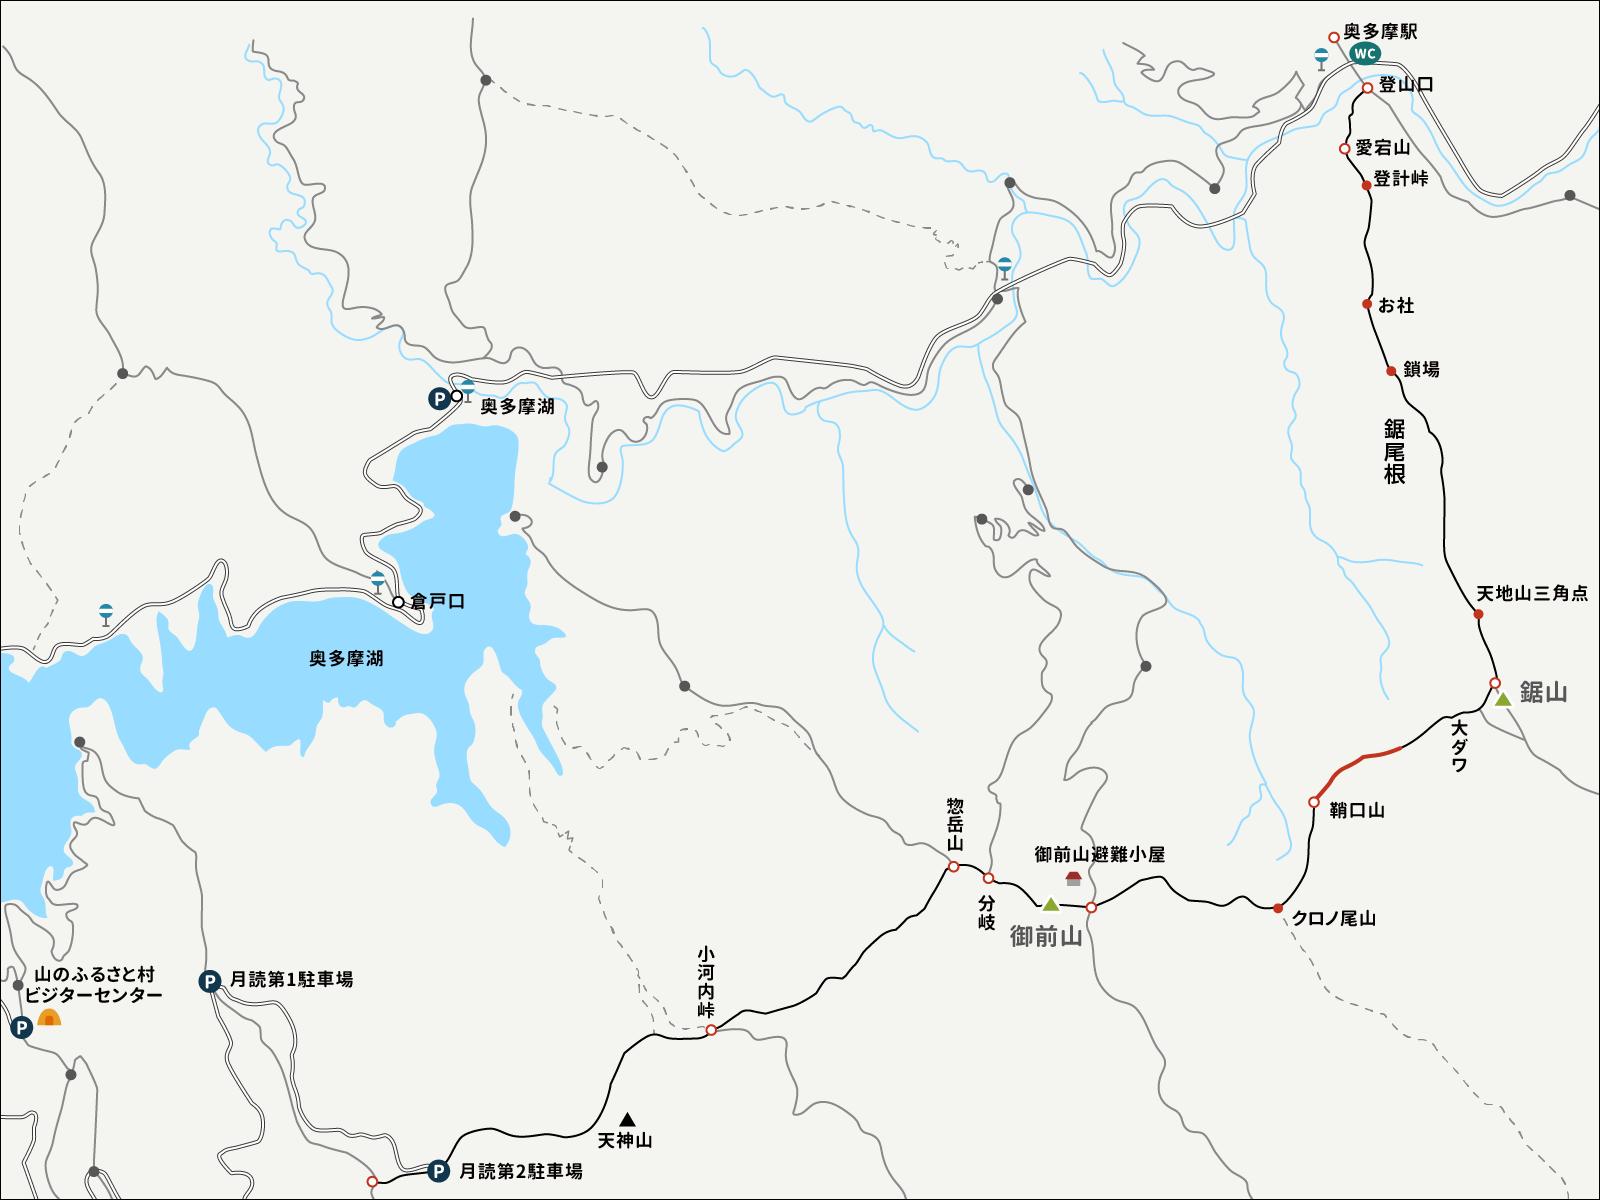 御前山鞘口山のイラストマップ